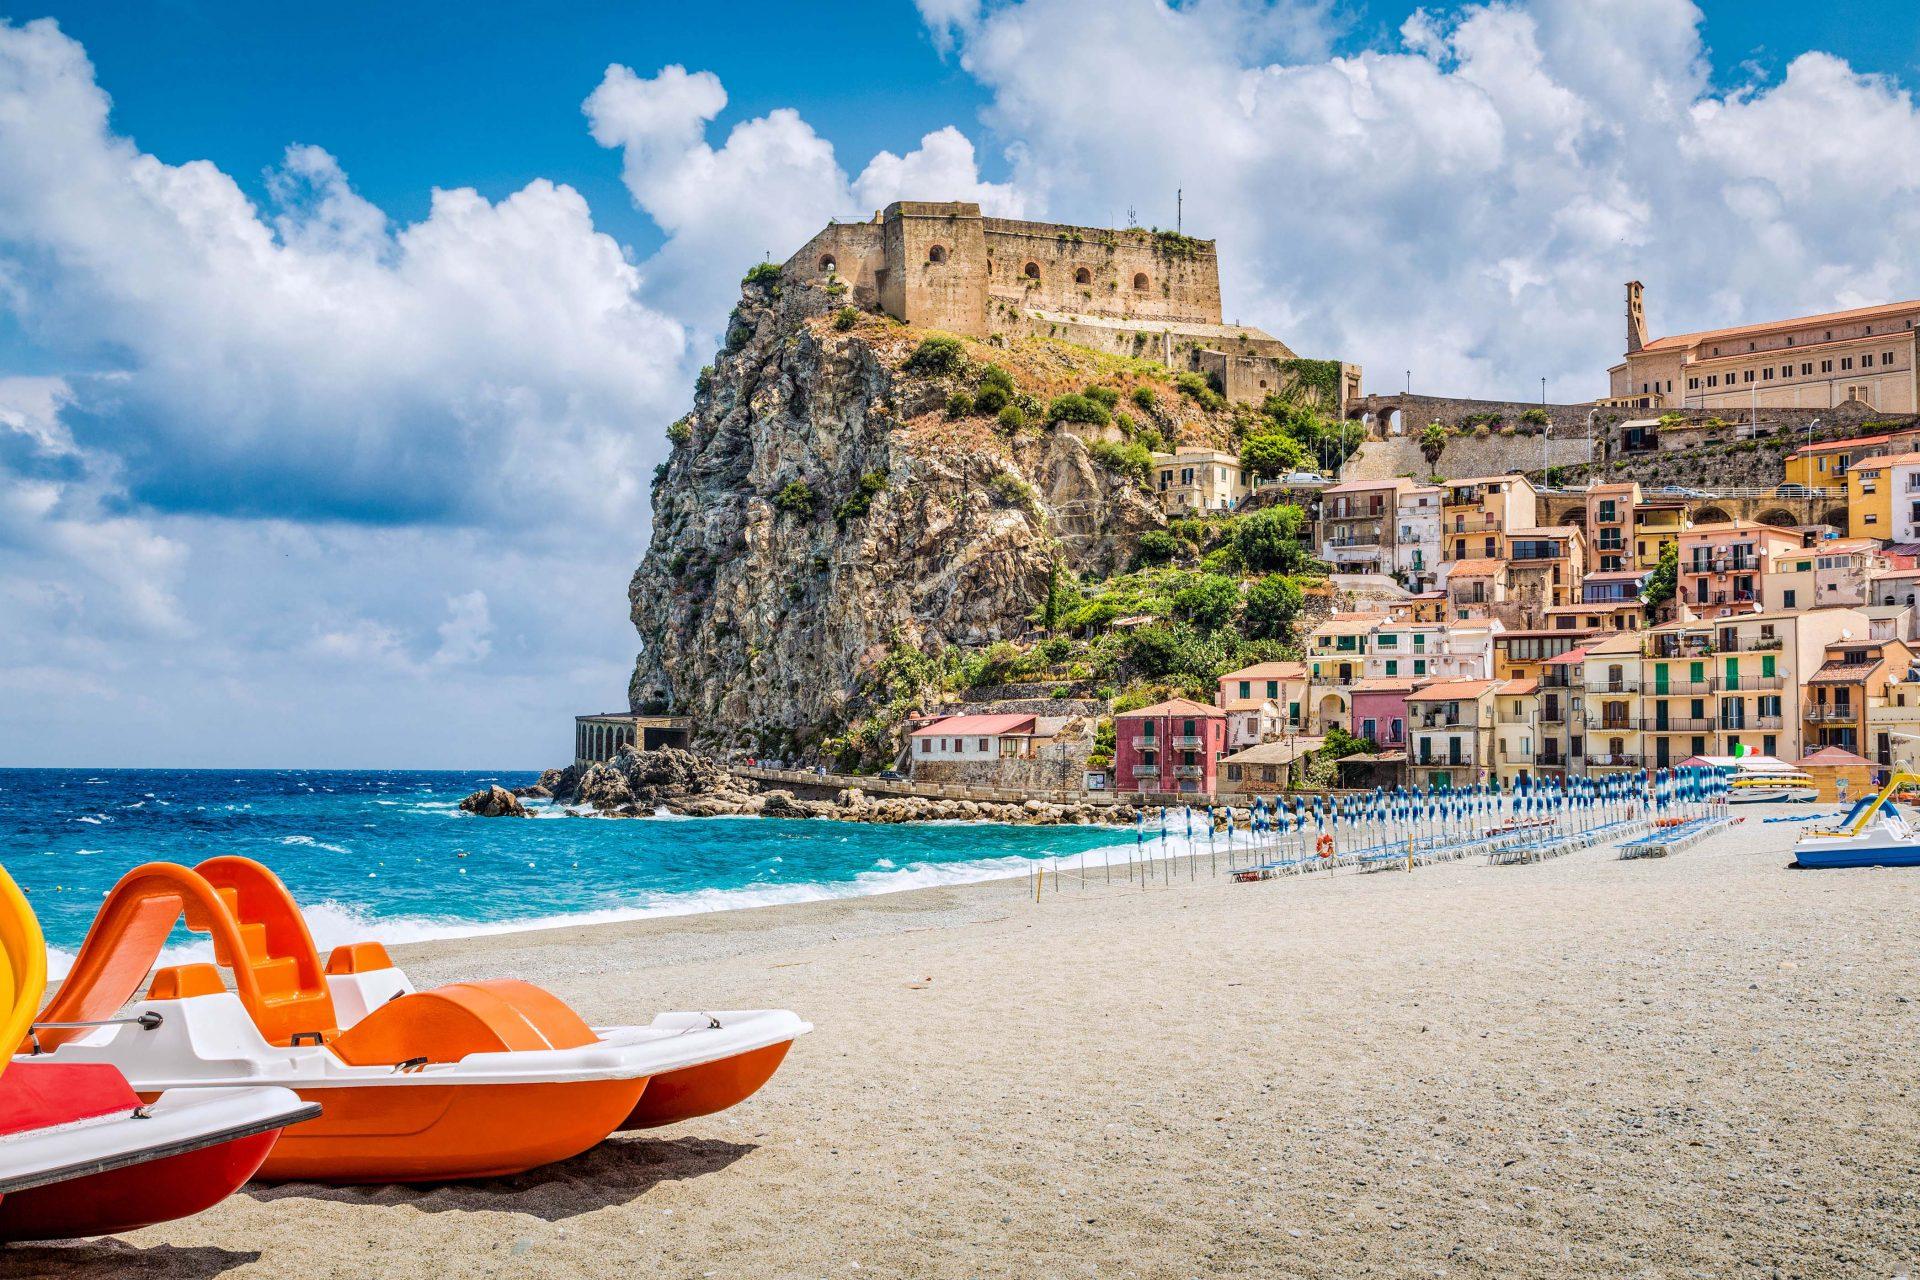 Der Strand von Kalabrien in Italien